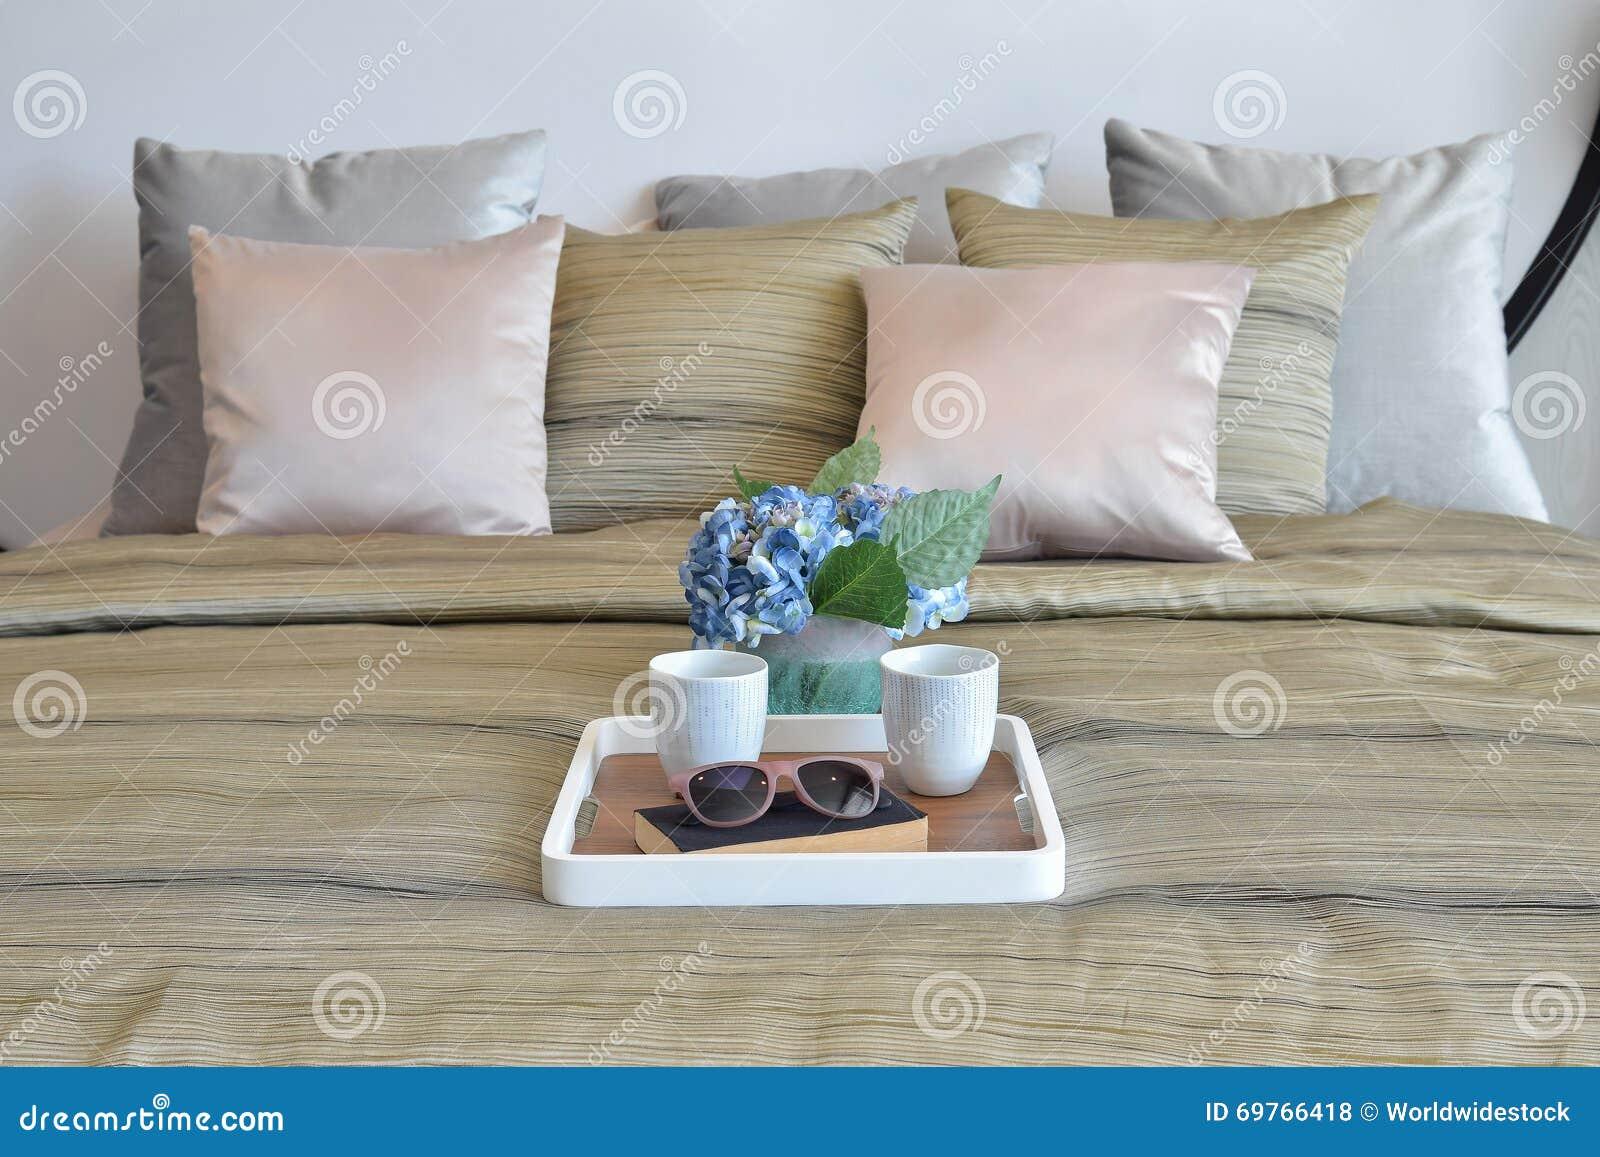 Modieus slaapkamerontwerp met decoratieve dienblad en hoofdkussens ...